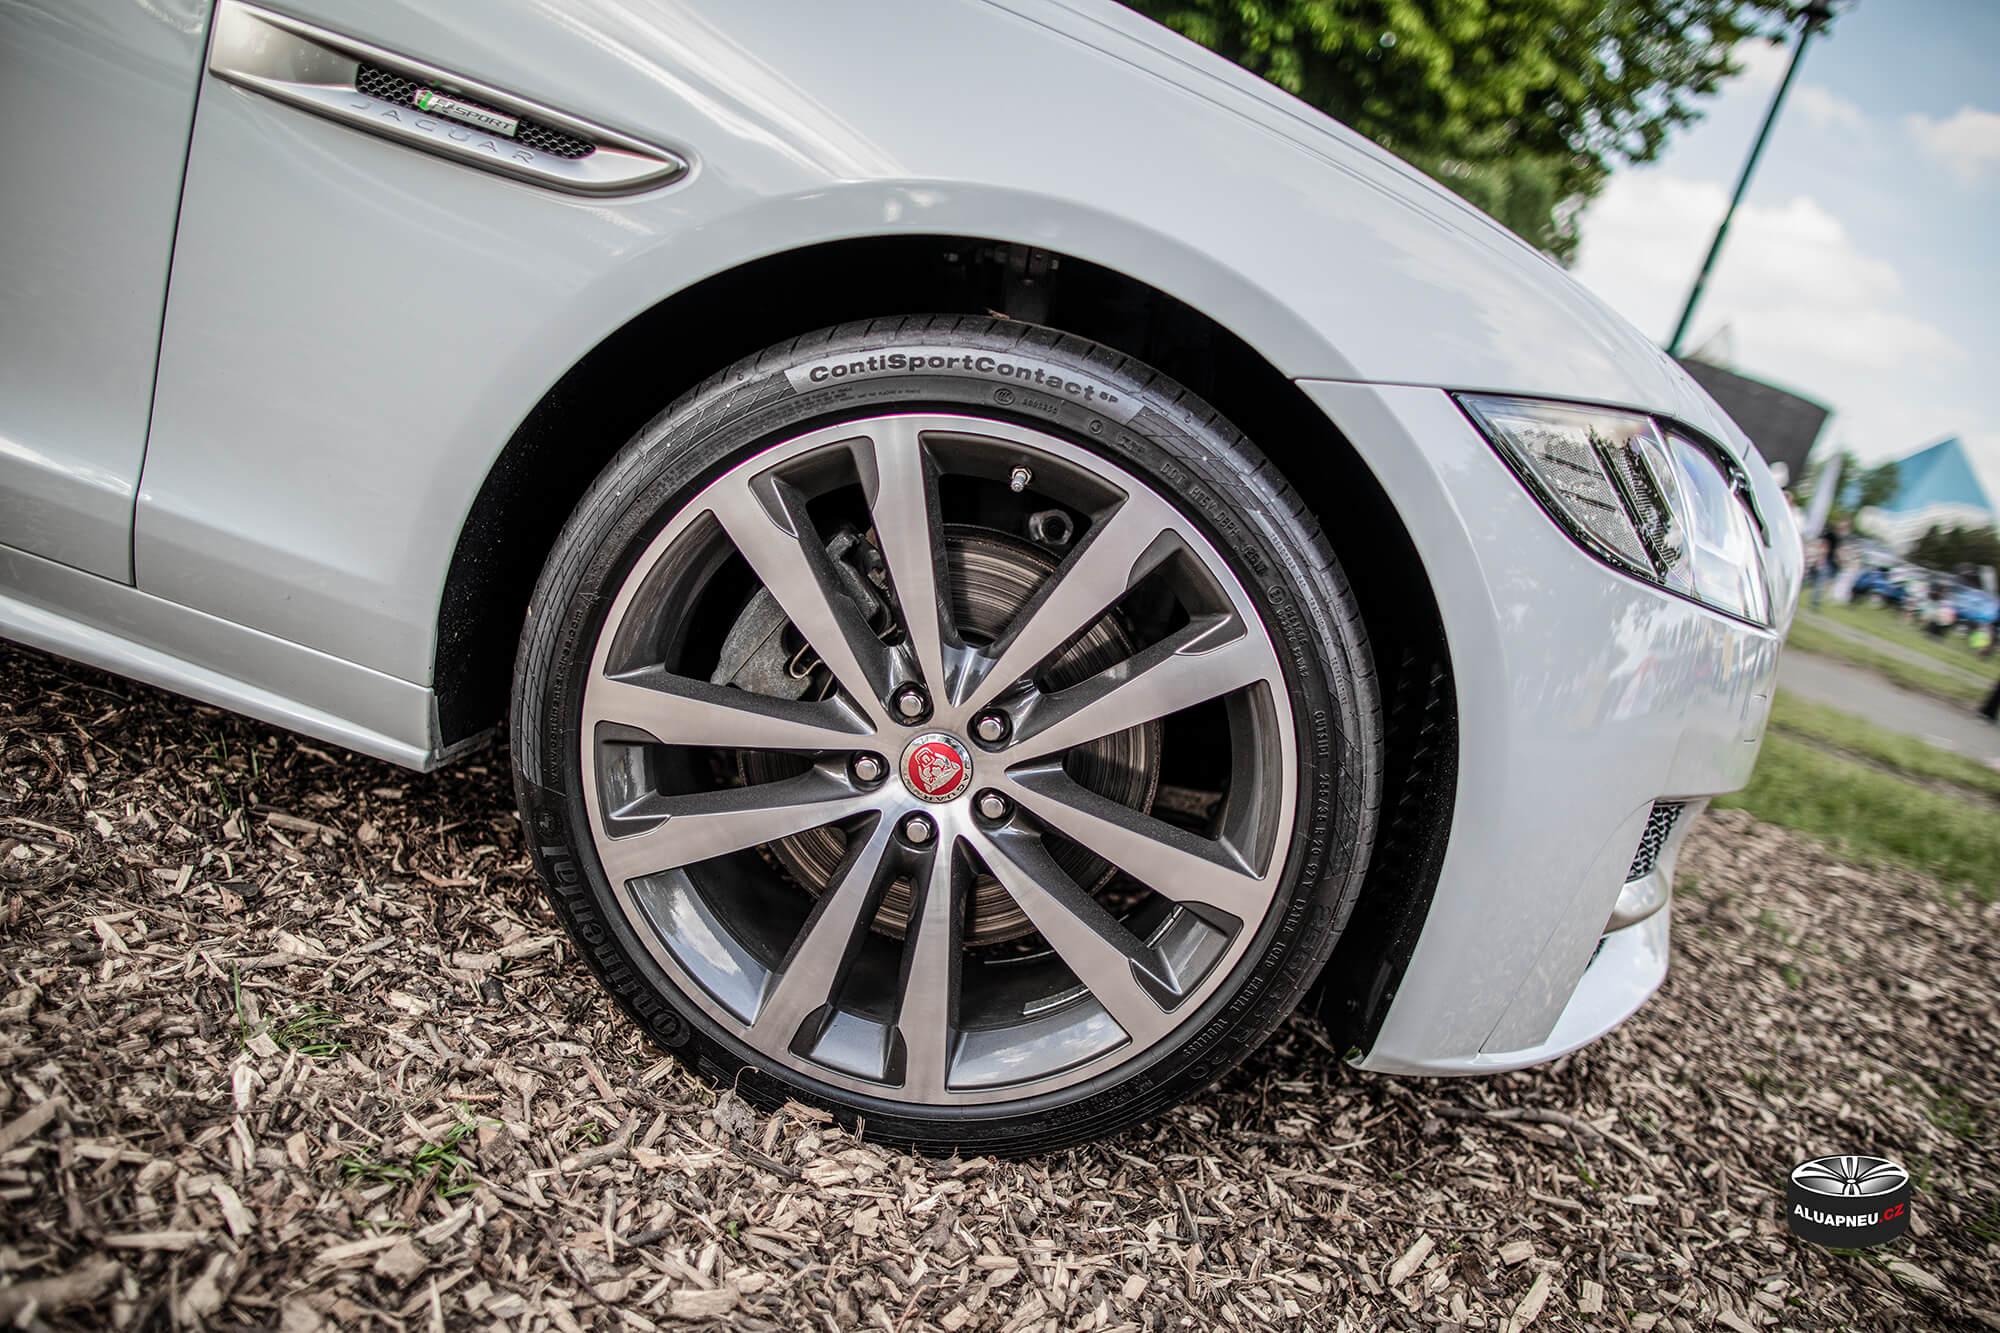 Original leštěné elektrony Jaguar - Automobilové Legendy 2019 - www.aluapneu.cz